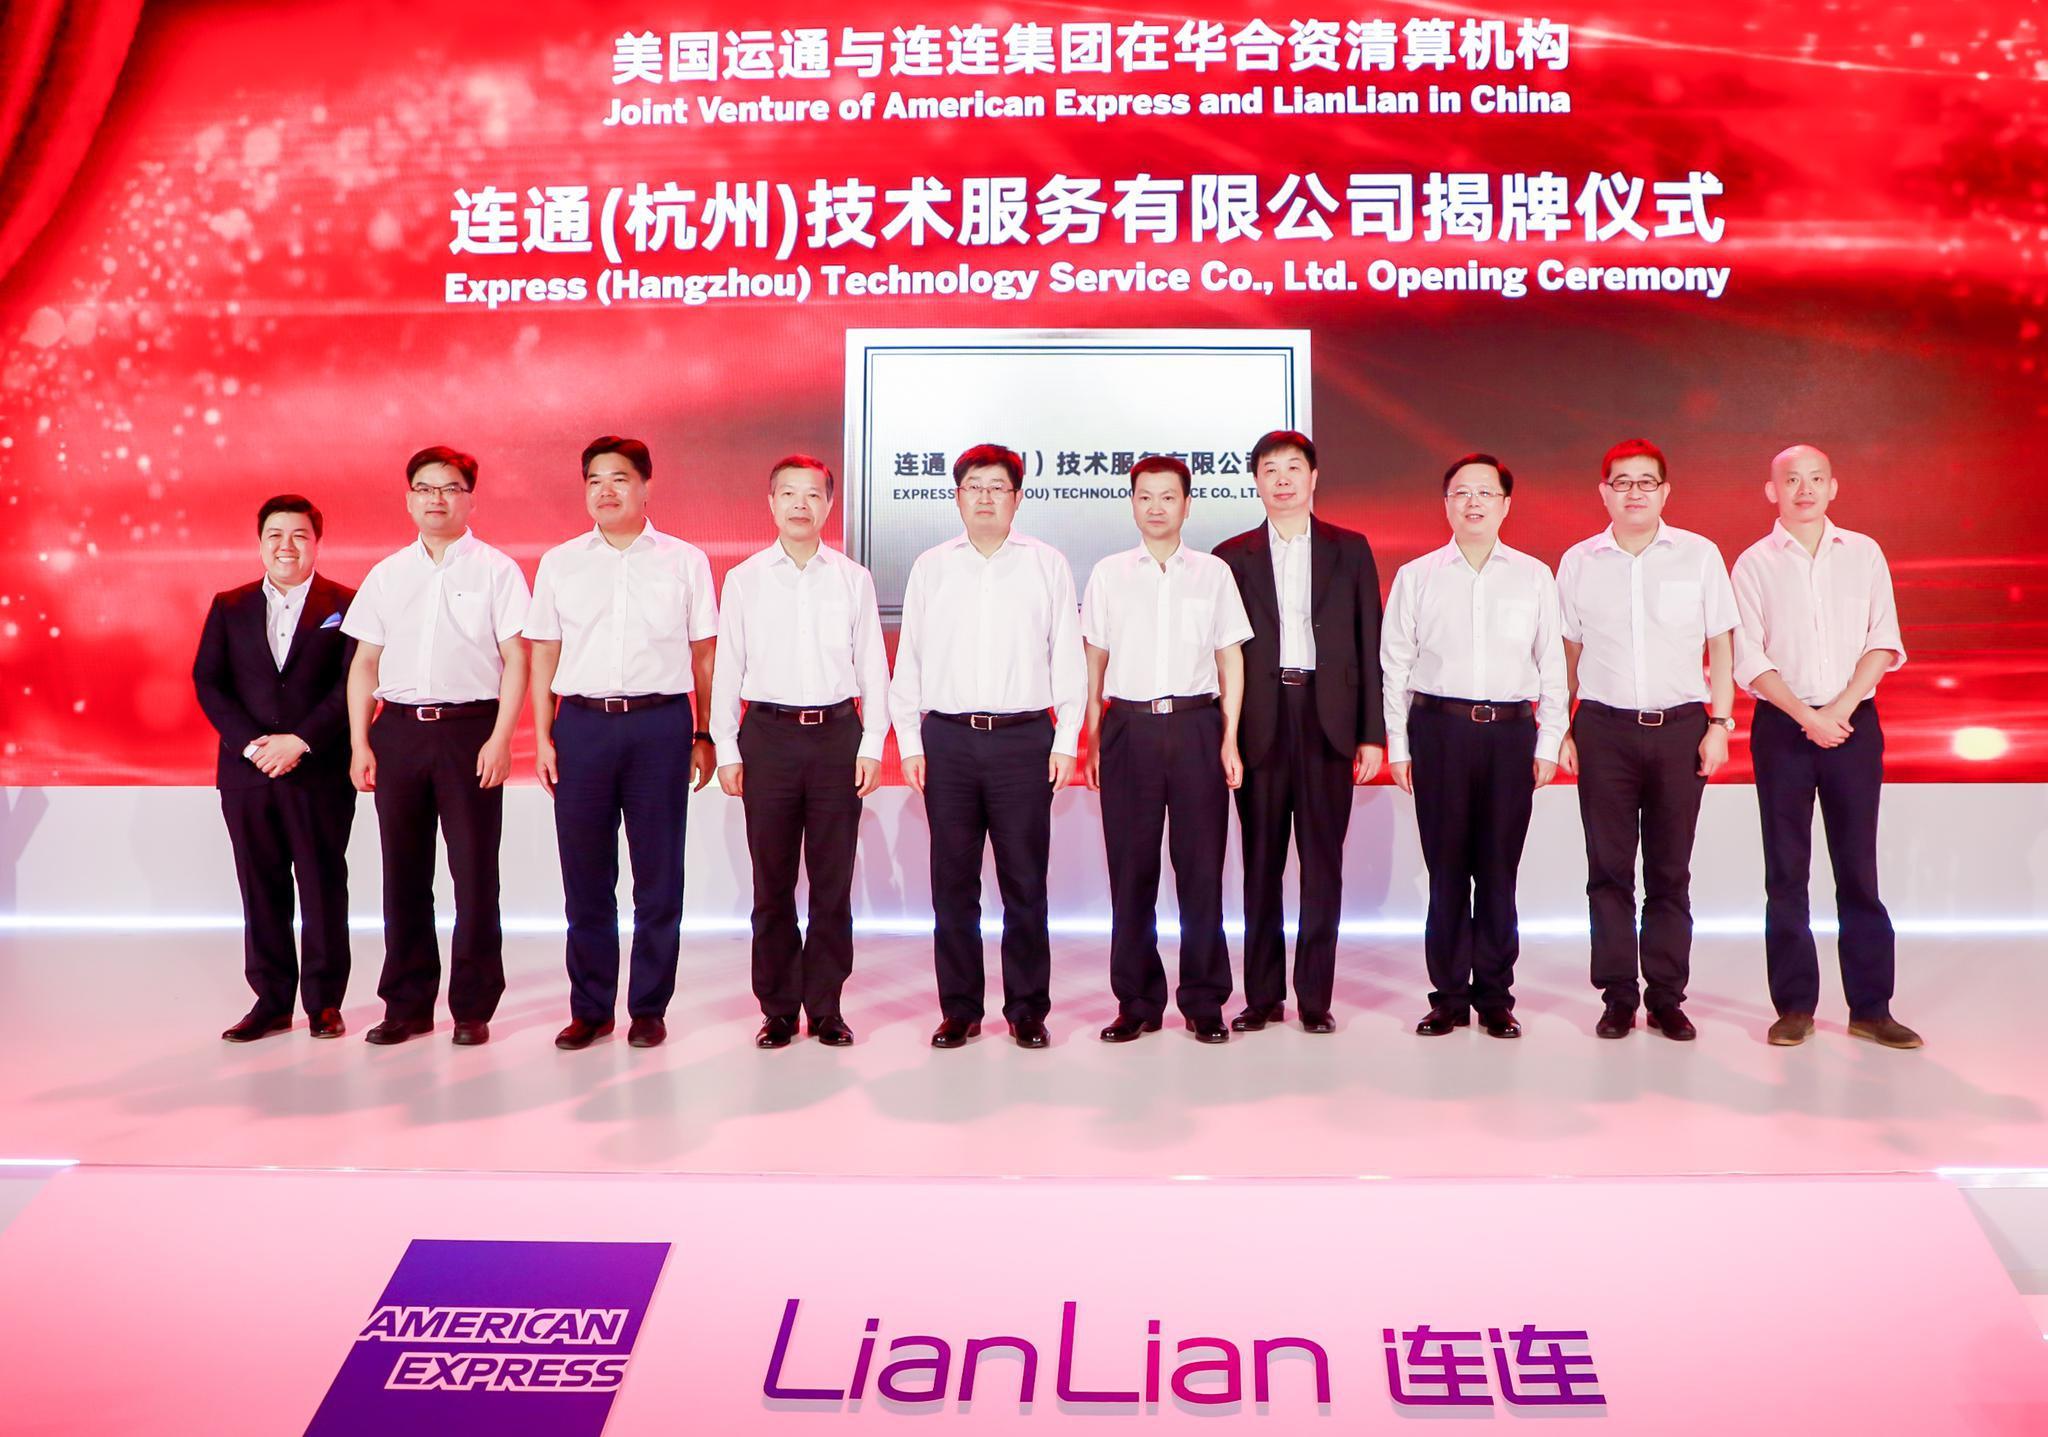 继中国银联之后 国内第二家银行卡清算组织来了